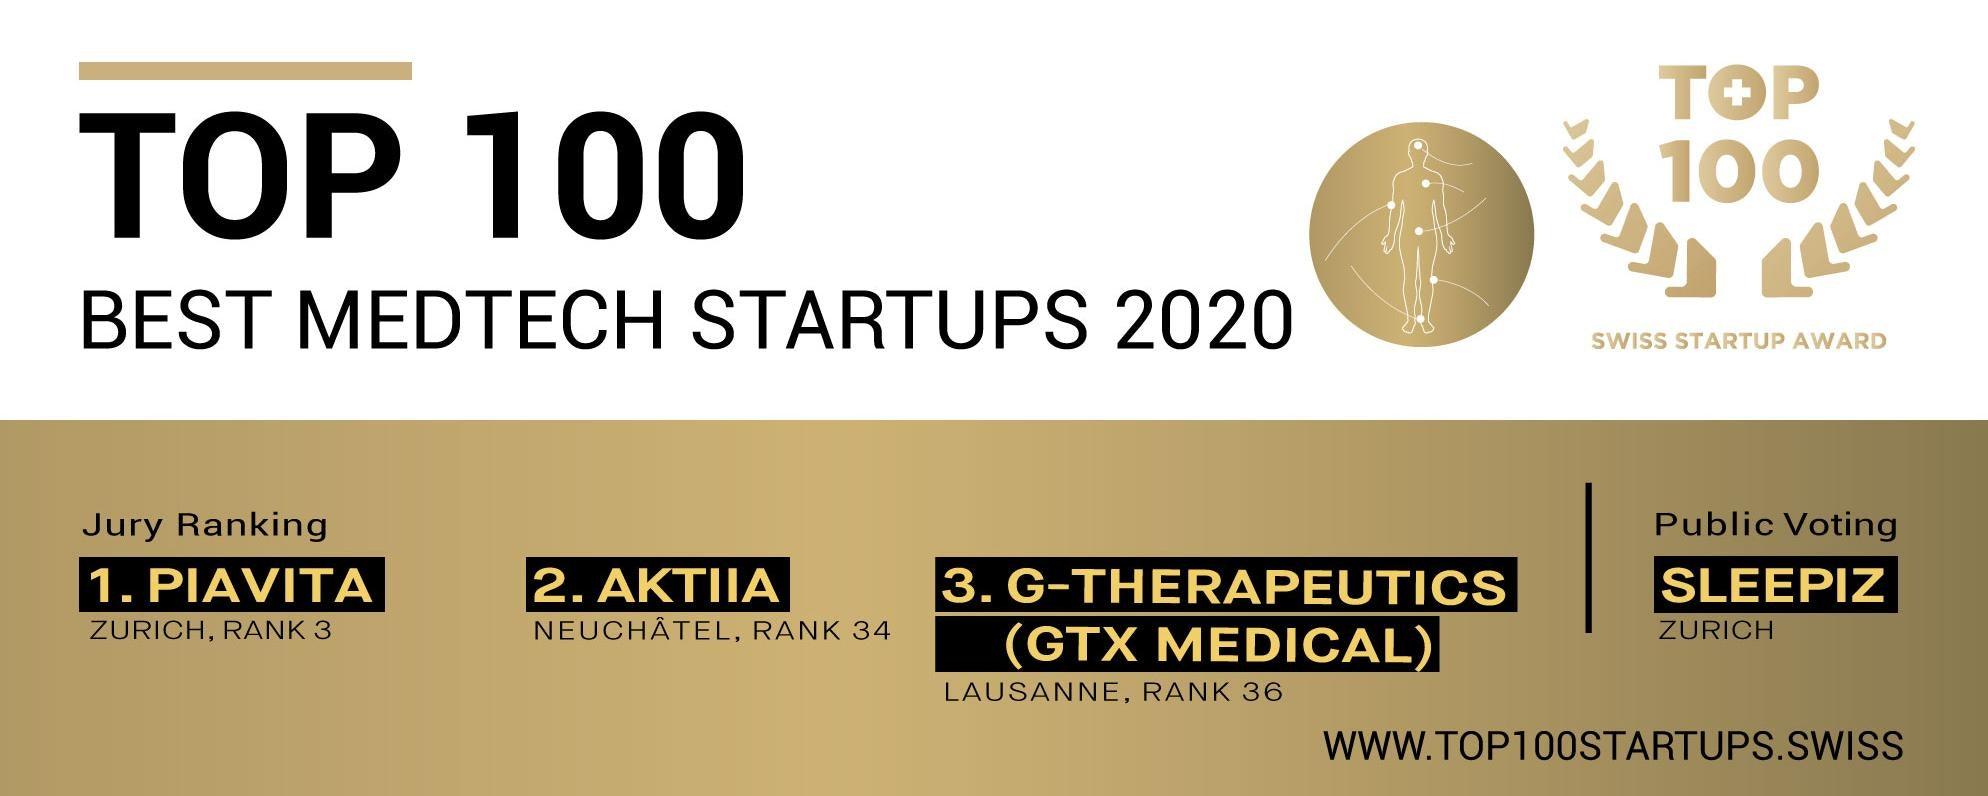 Switzerland's TOP medtech startups 2020